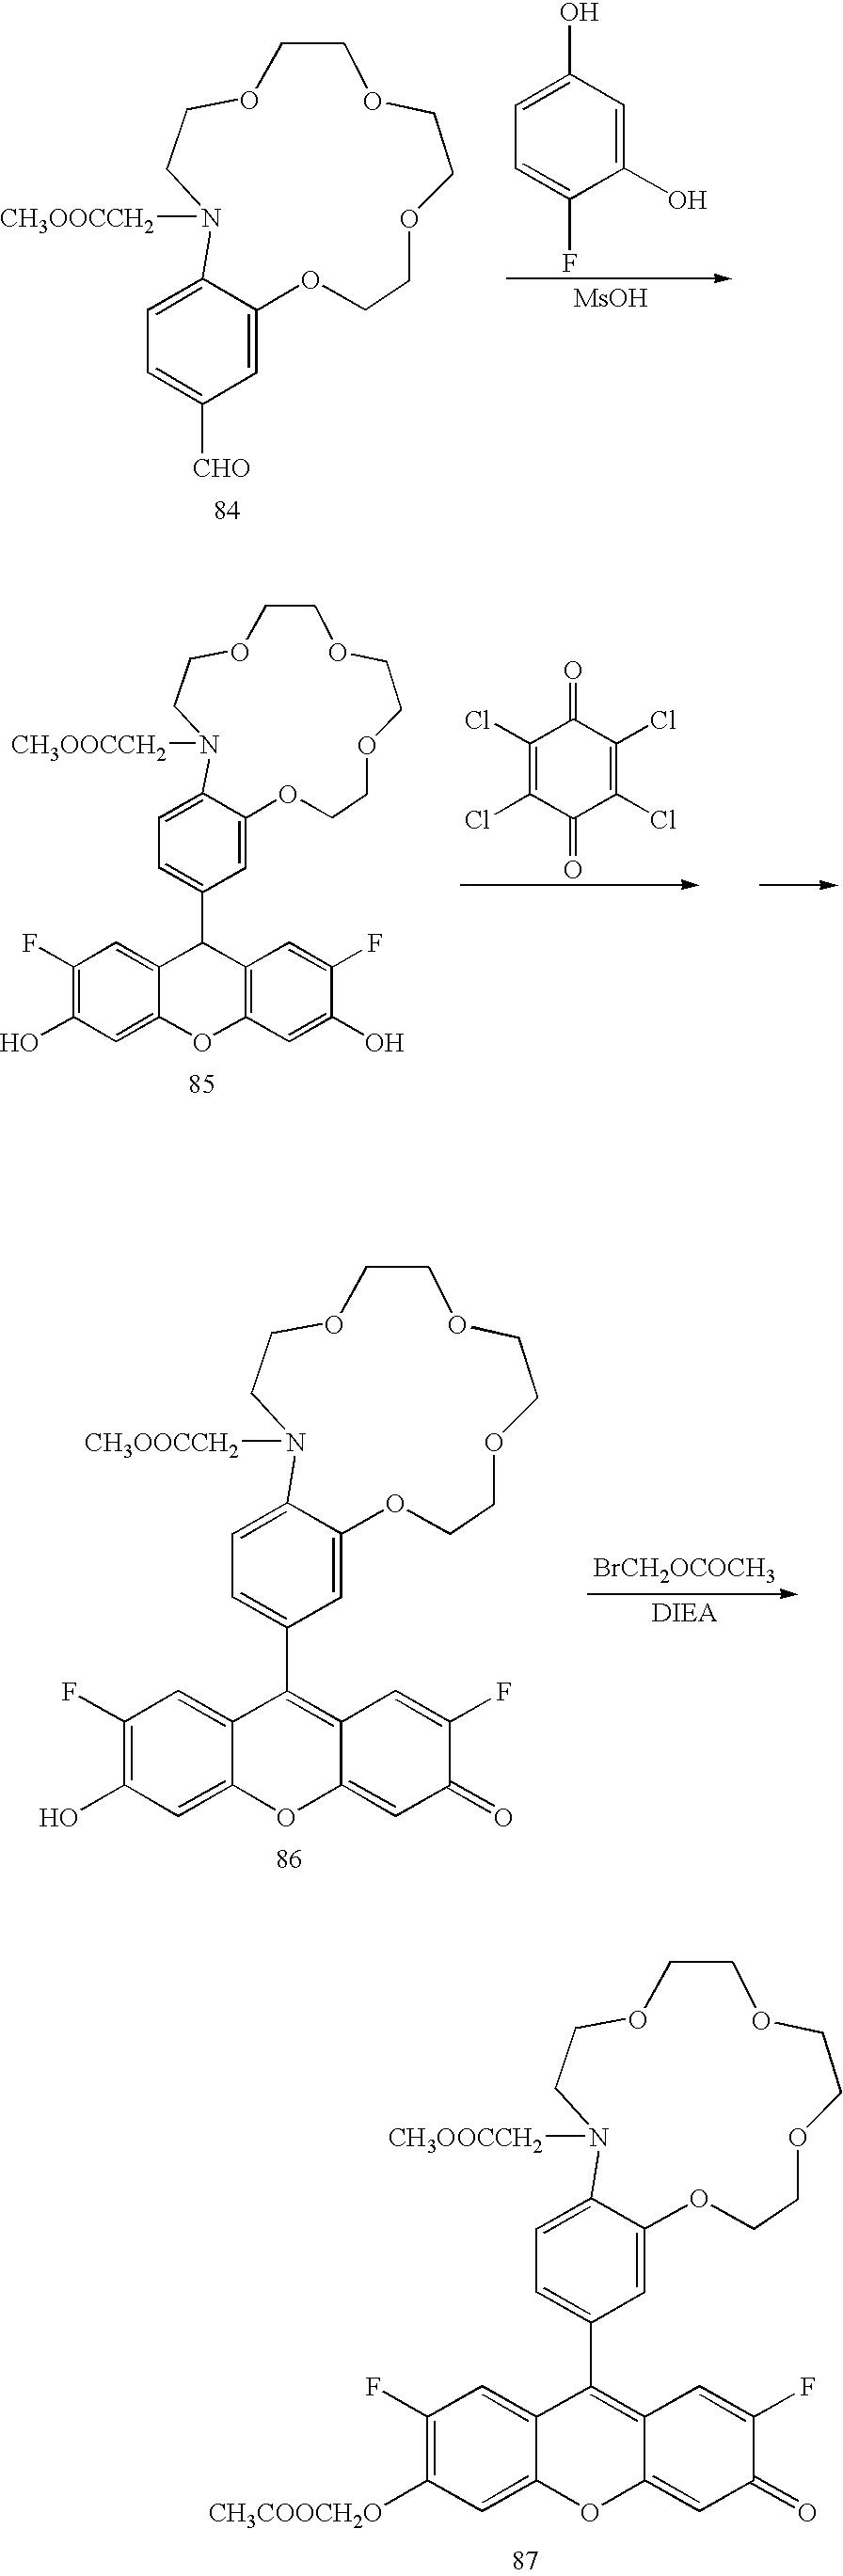 Figure US07579463-20090825-C00115